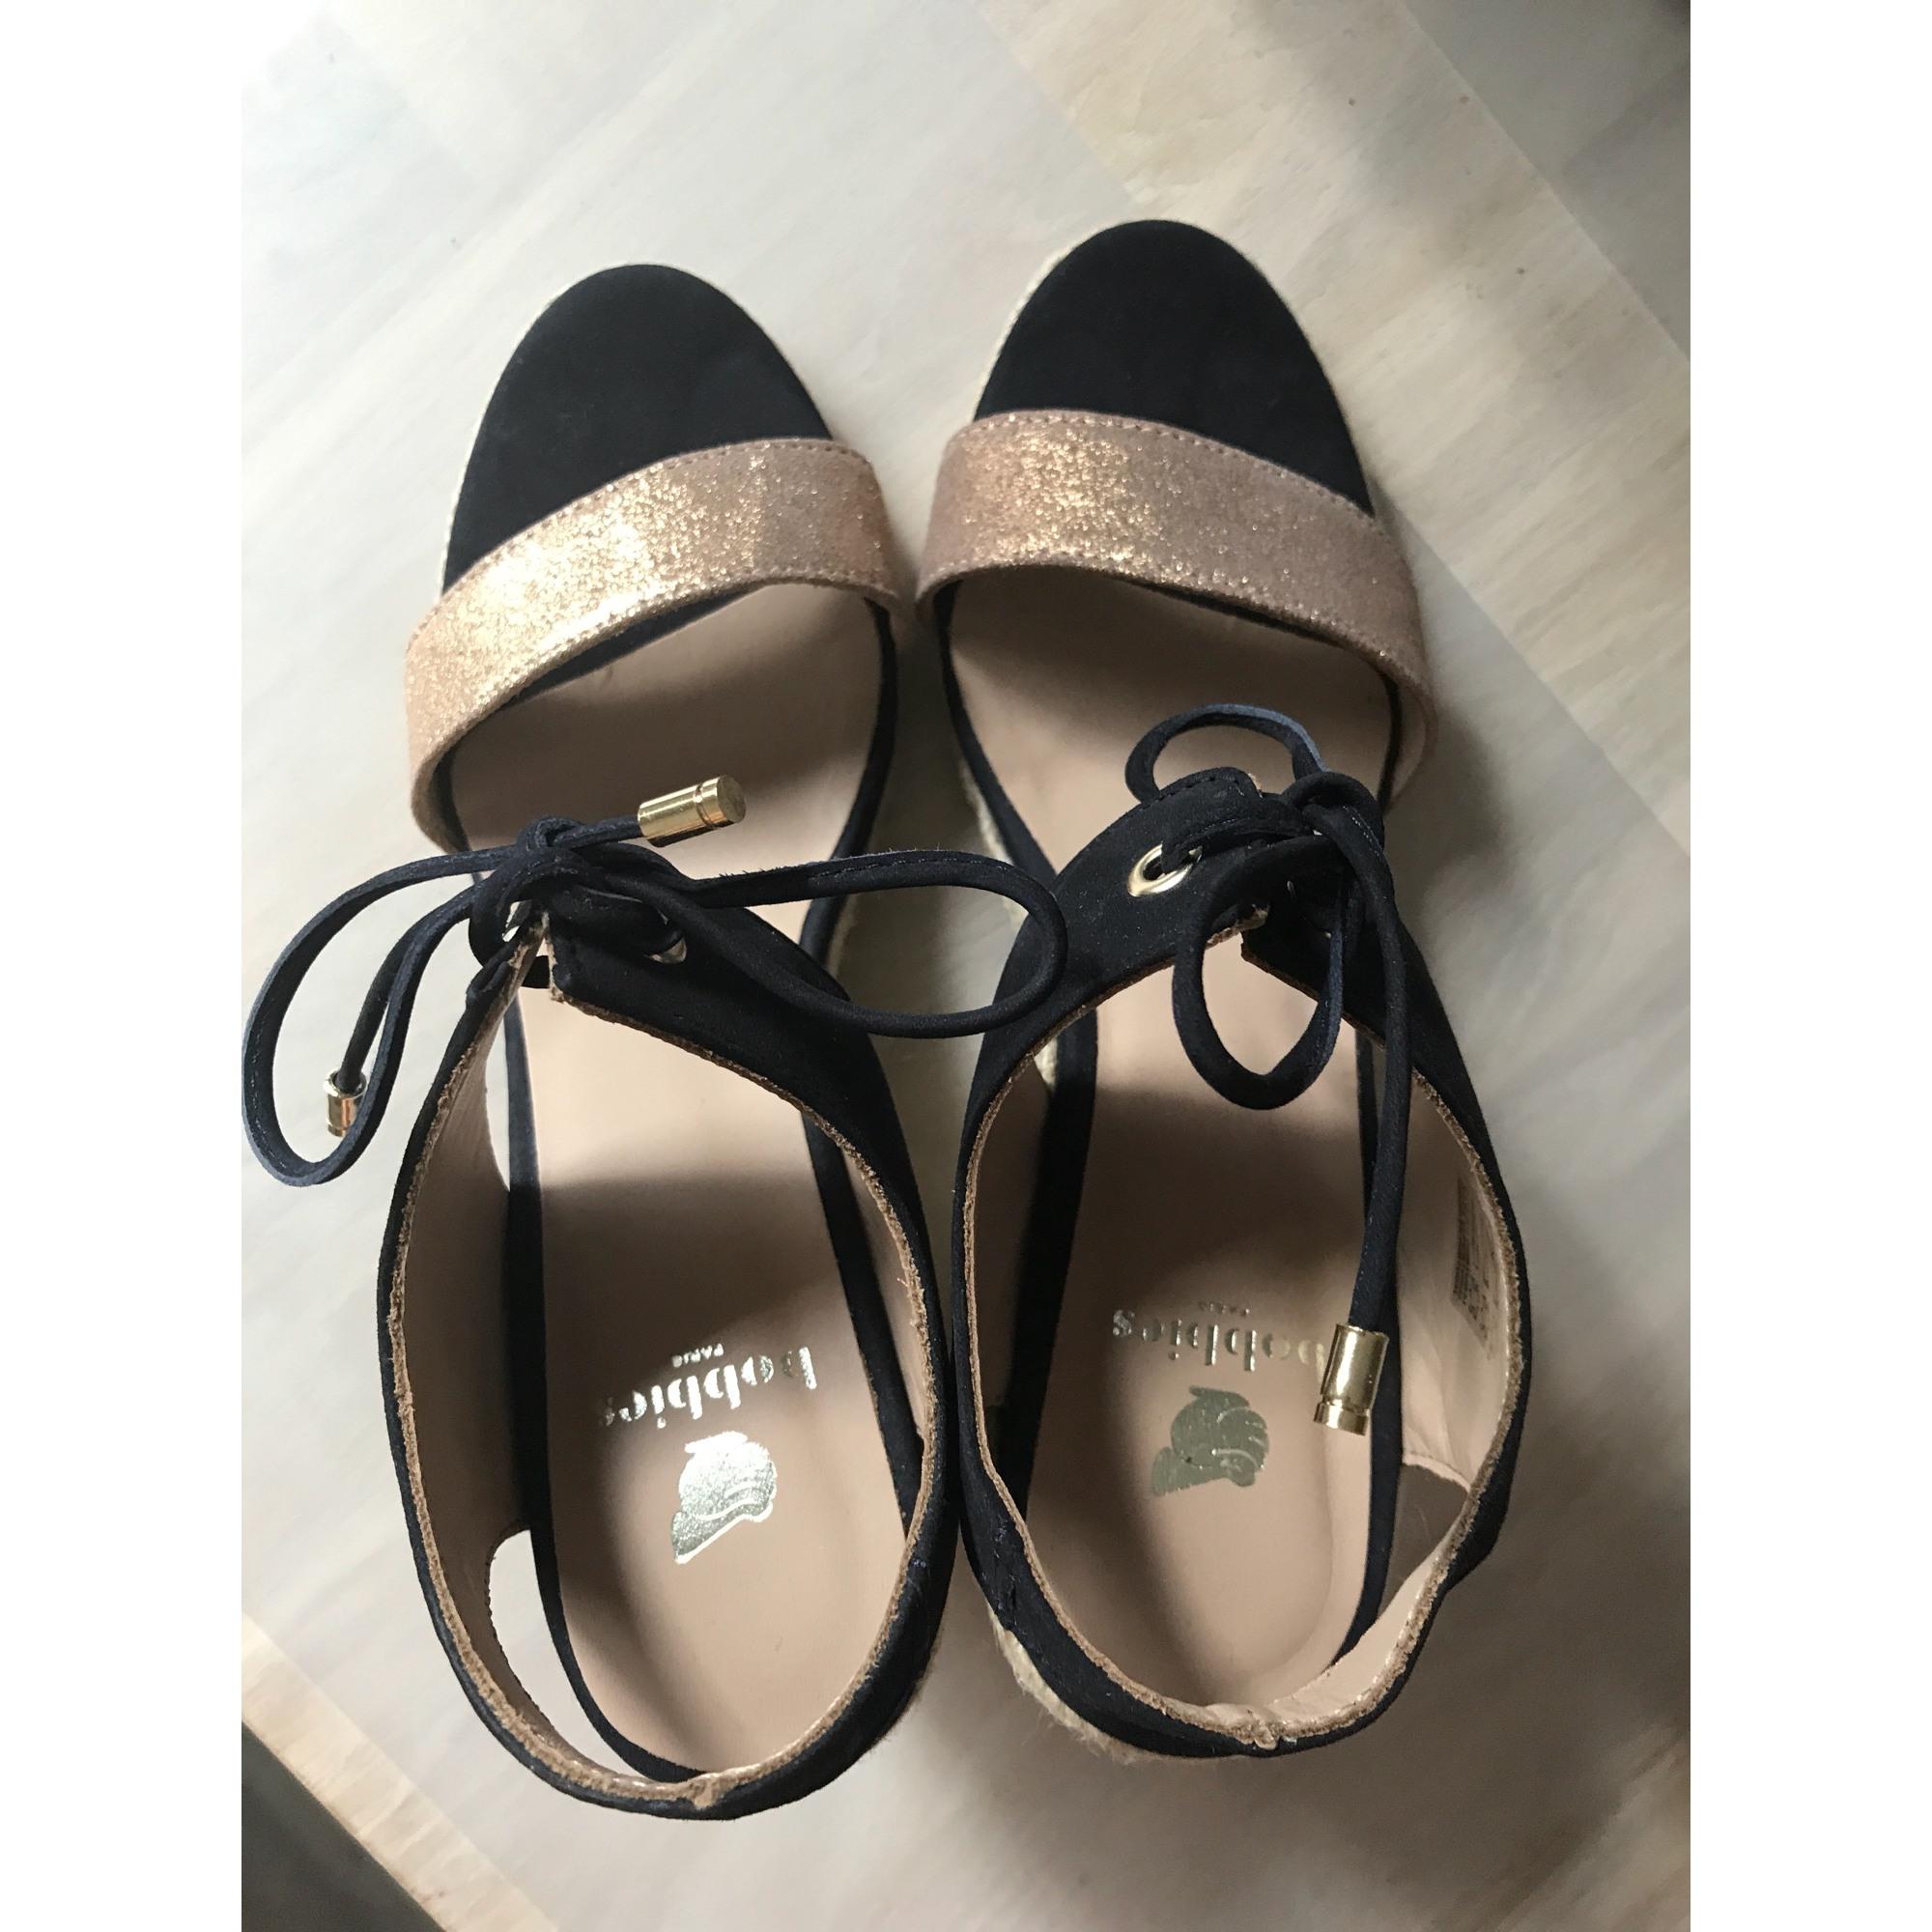 Bleu Sandales Compensées 6559989 37 Bobbies 0PNnkX8wO